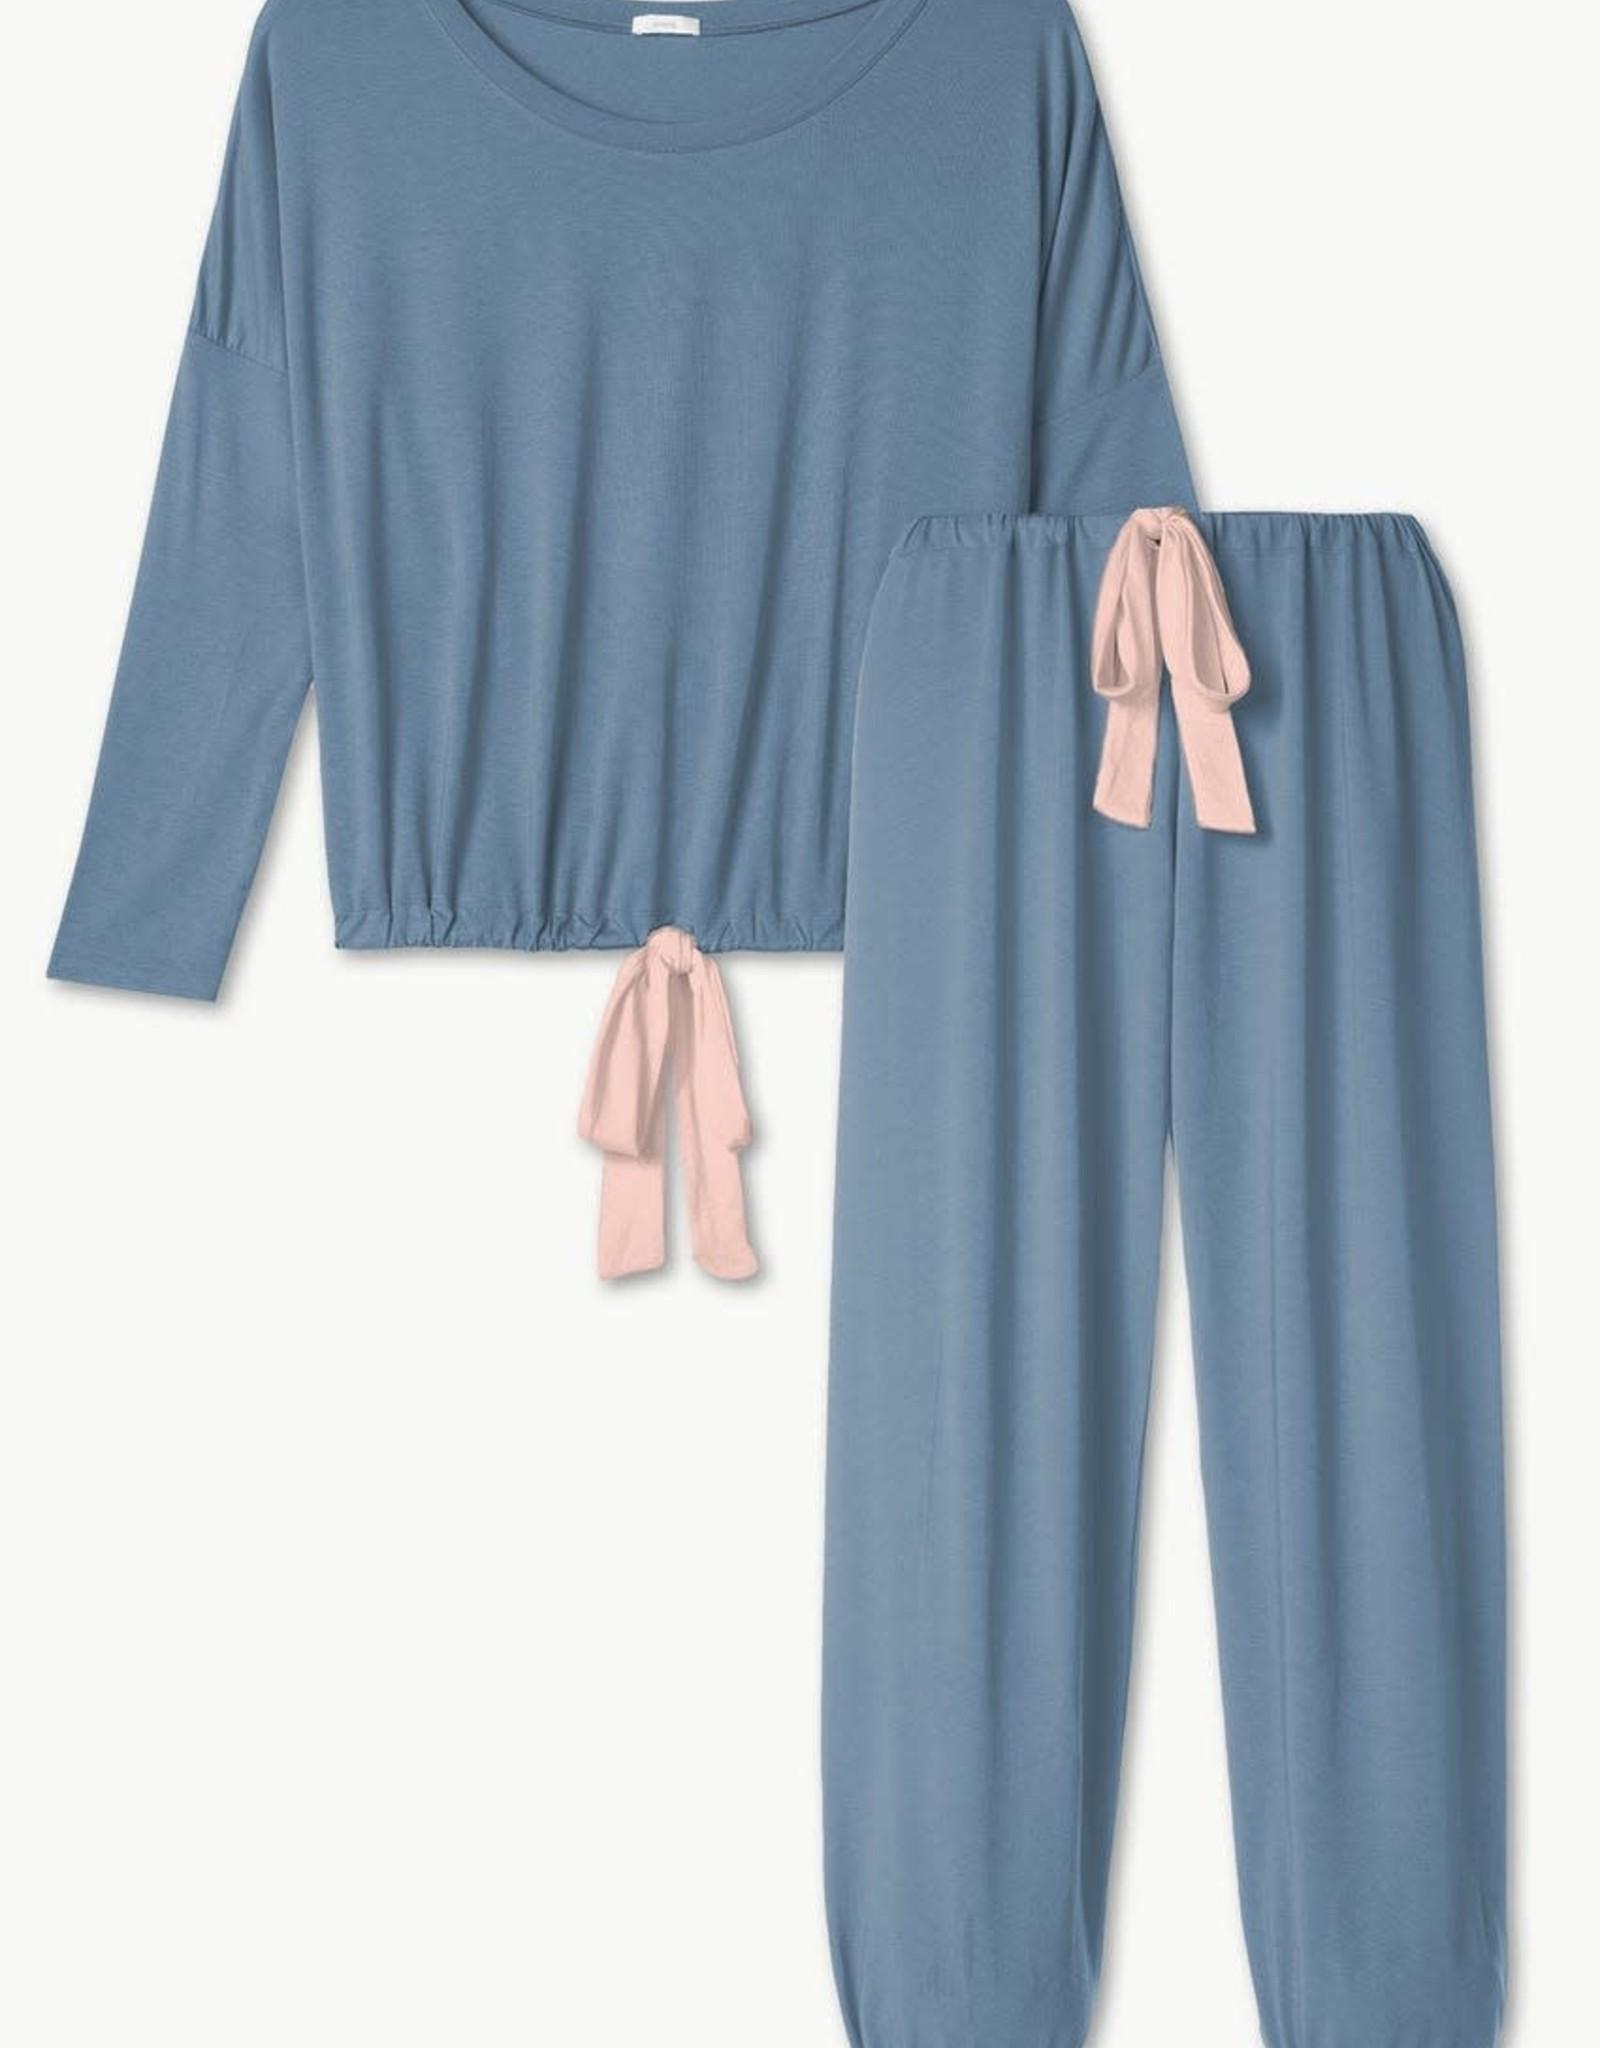 Eberjey Gisele Slouchy Set Blue Shadow Blush